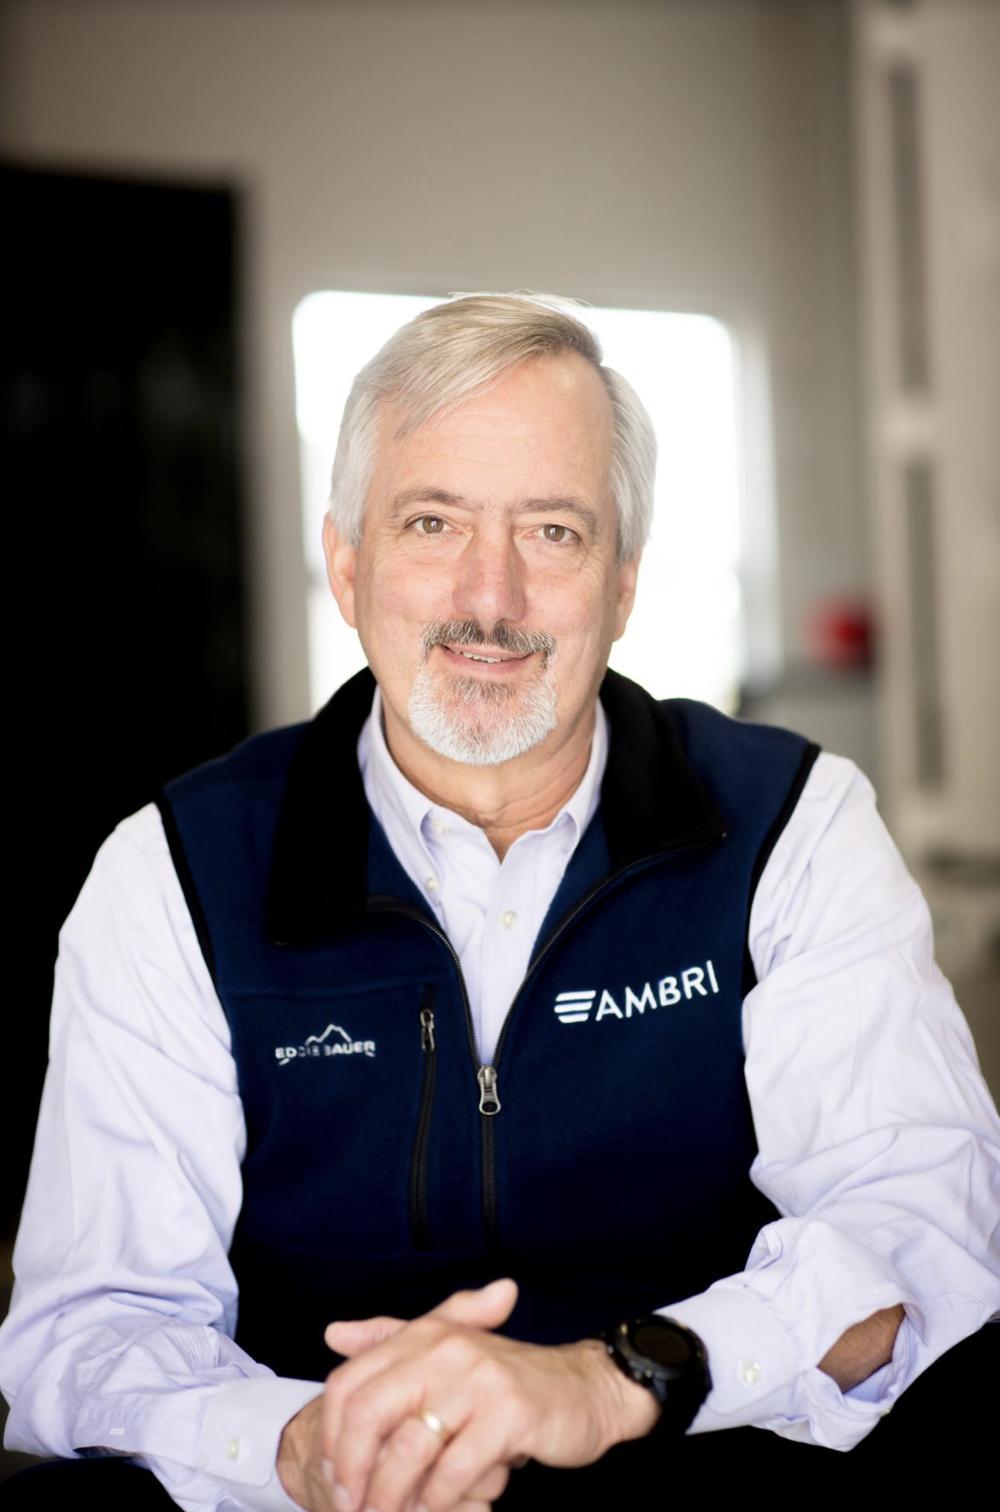 PHIL GiuDICE - Board Member & Former CEO, Ambri